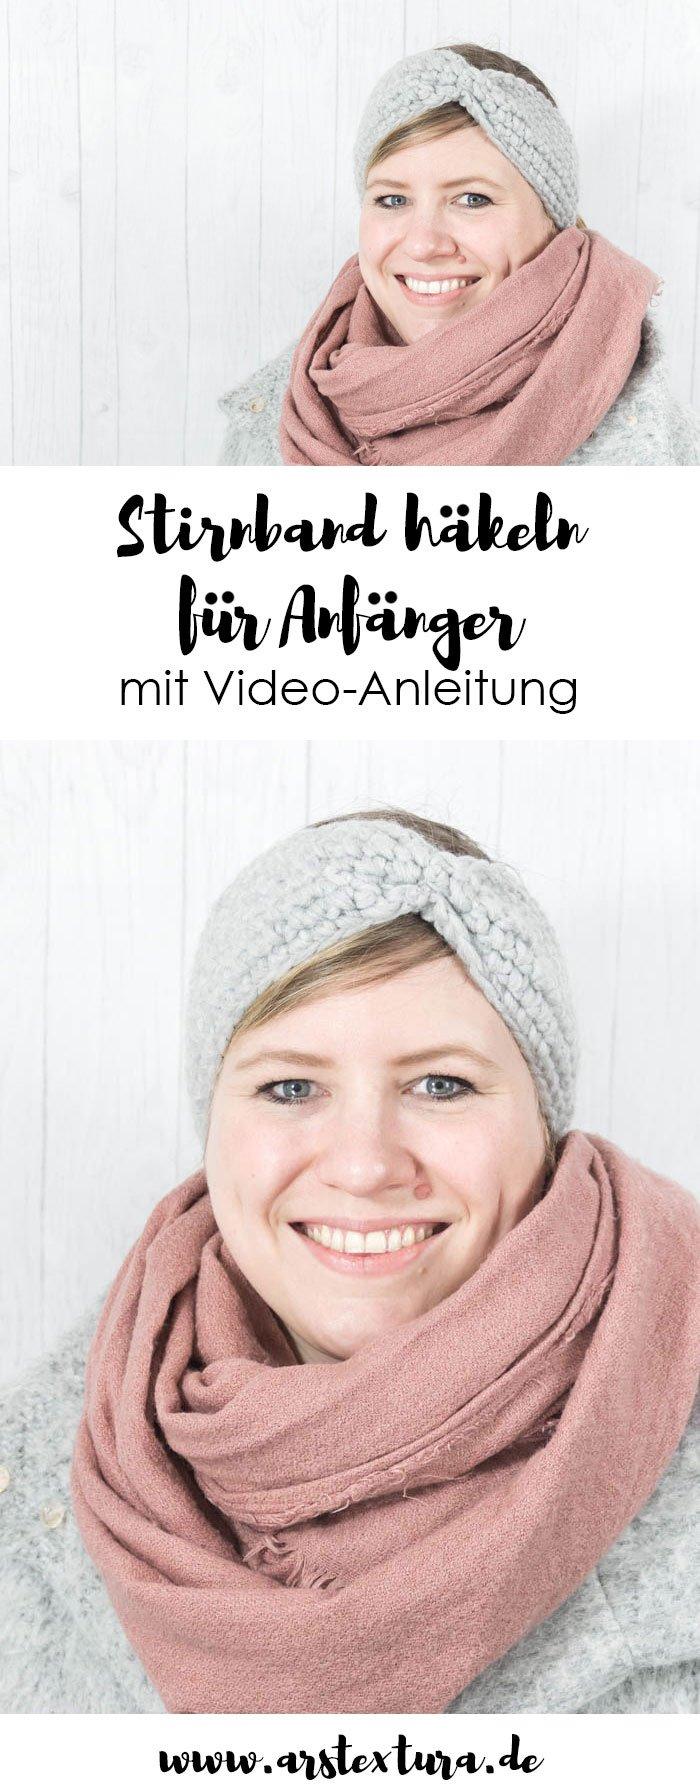 Anleitung Für Ein Stirnband Für Anfänger Geeignet Ars Textura